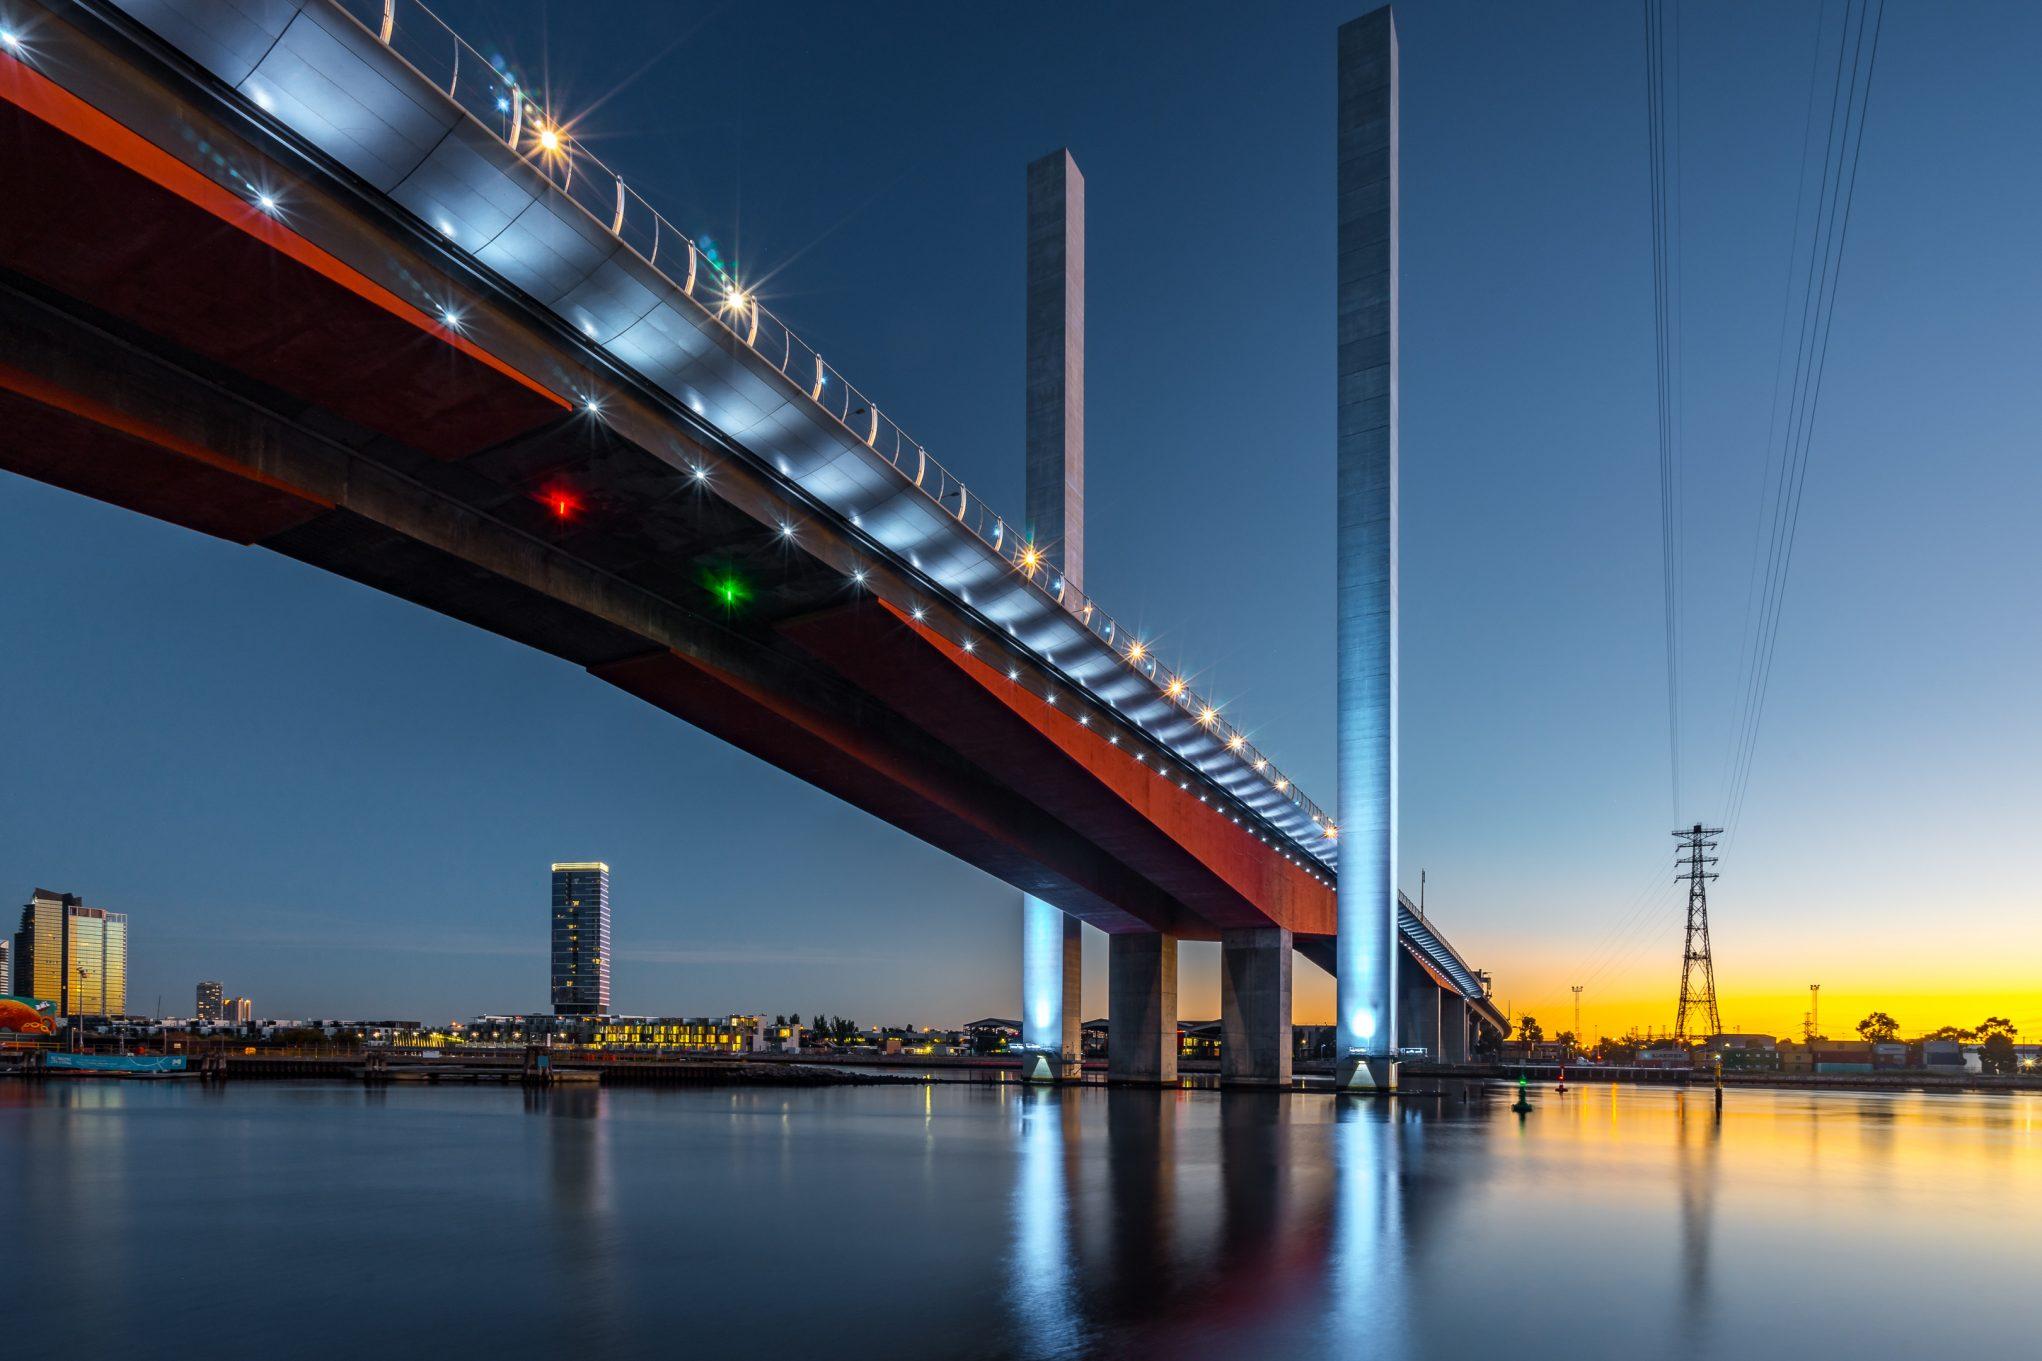 Melbourne Bolte Bridge